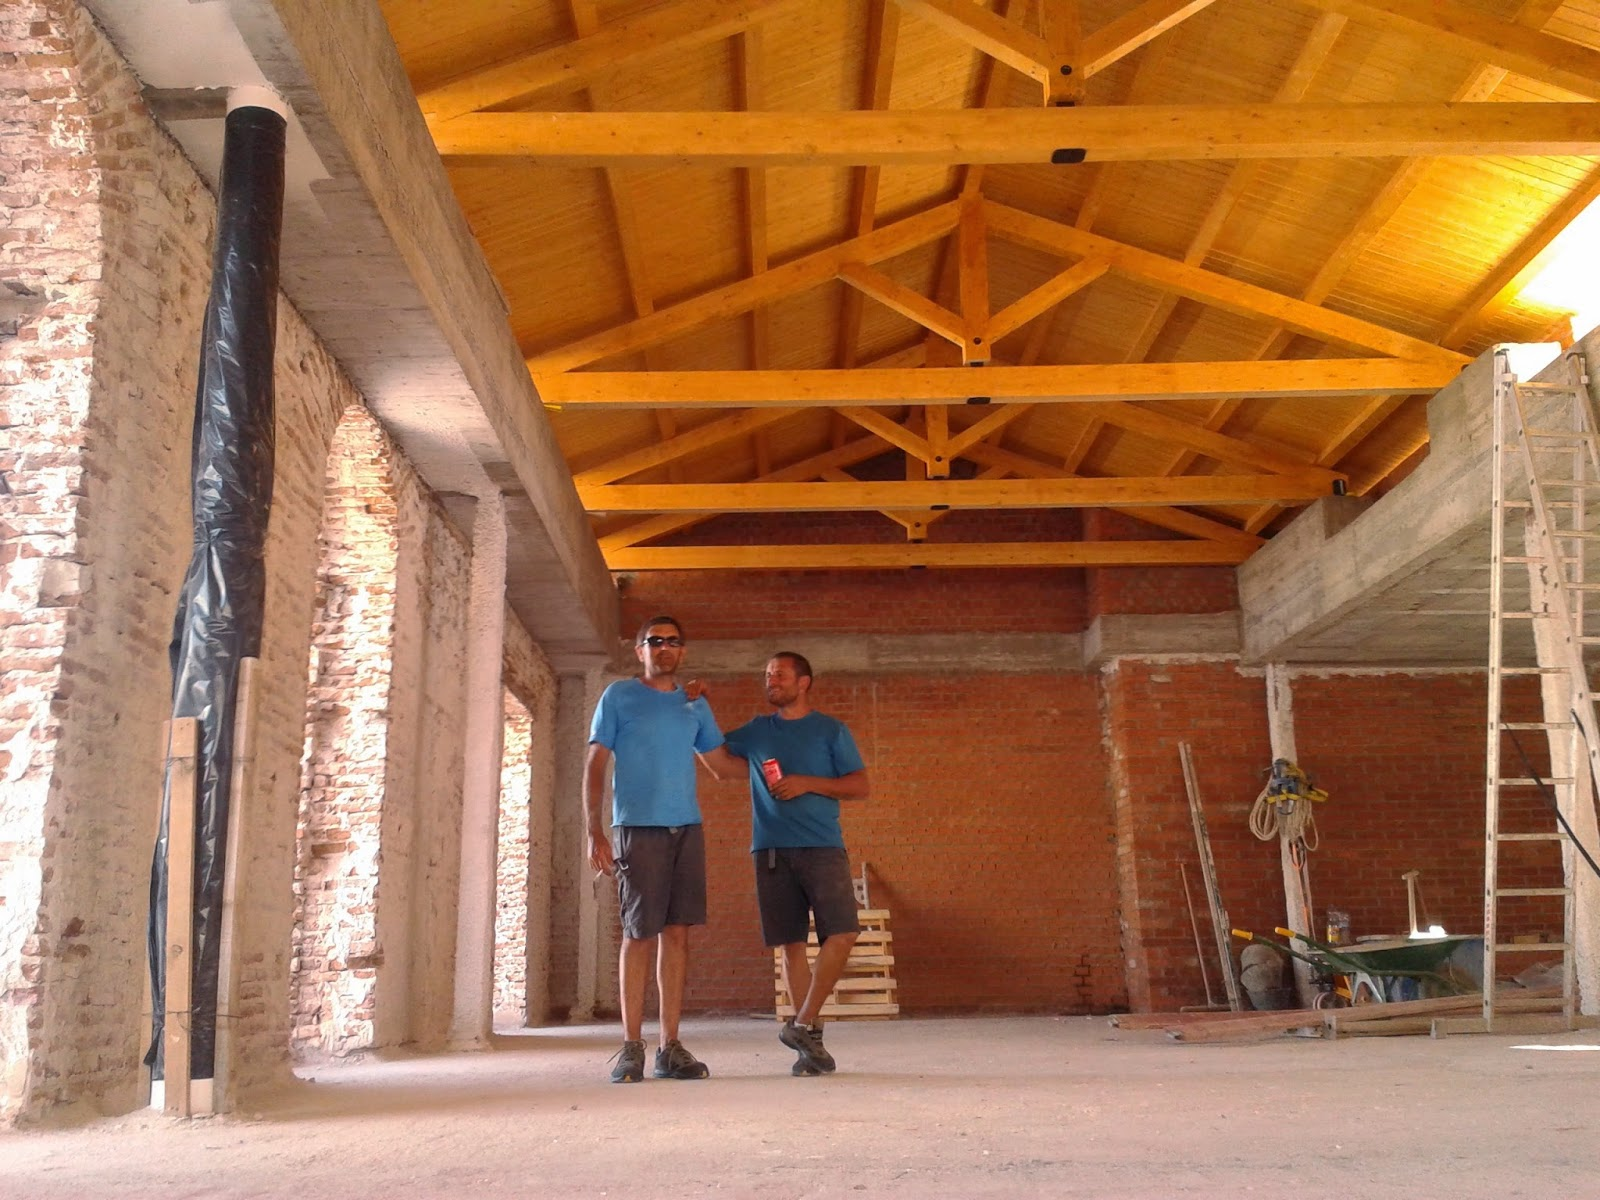 Estructuras de madera para tejados materiales de construcci n para la reparaci n - Estructuras de madera para tejados ...